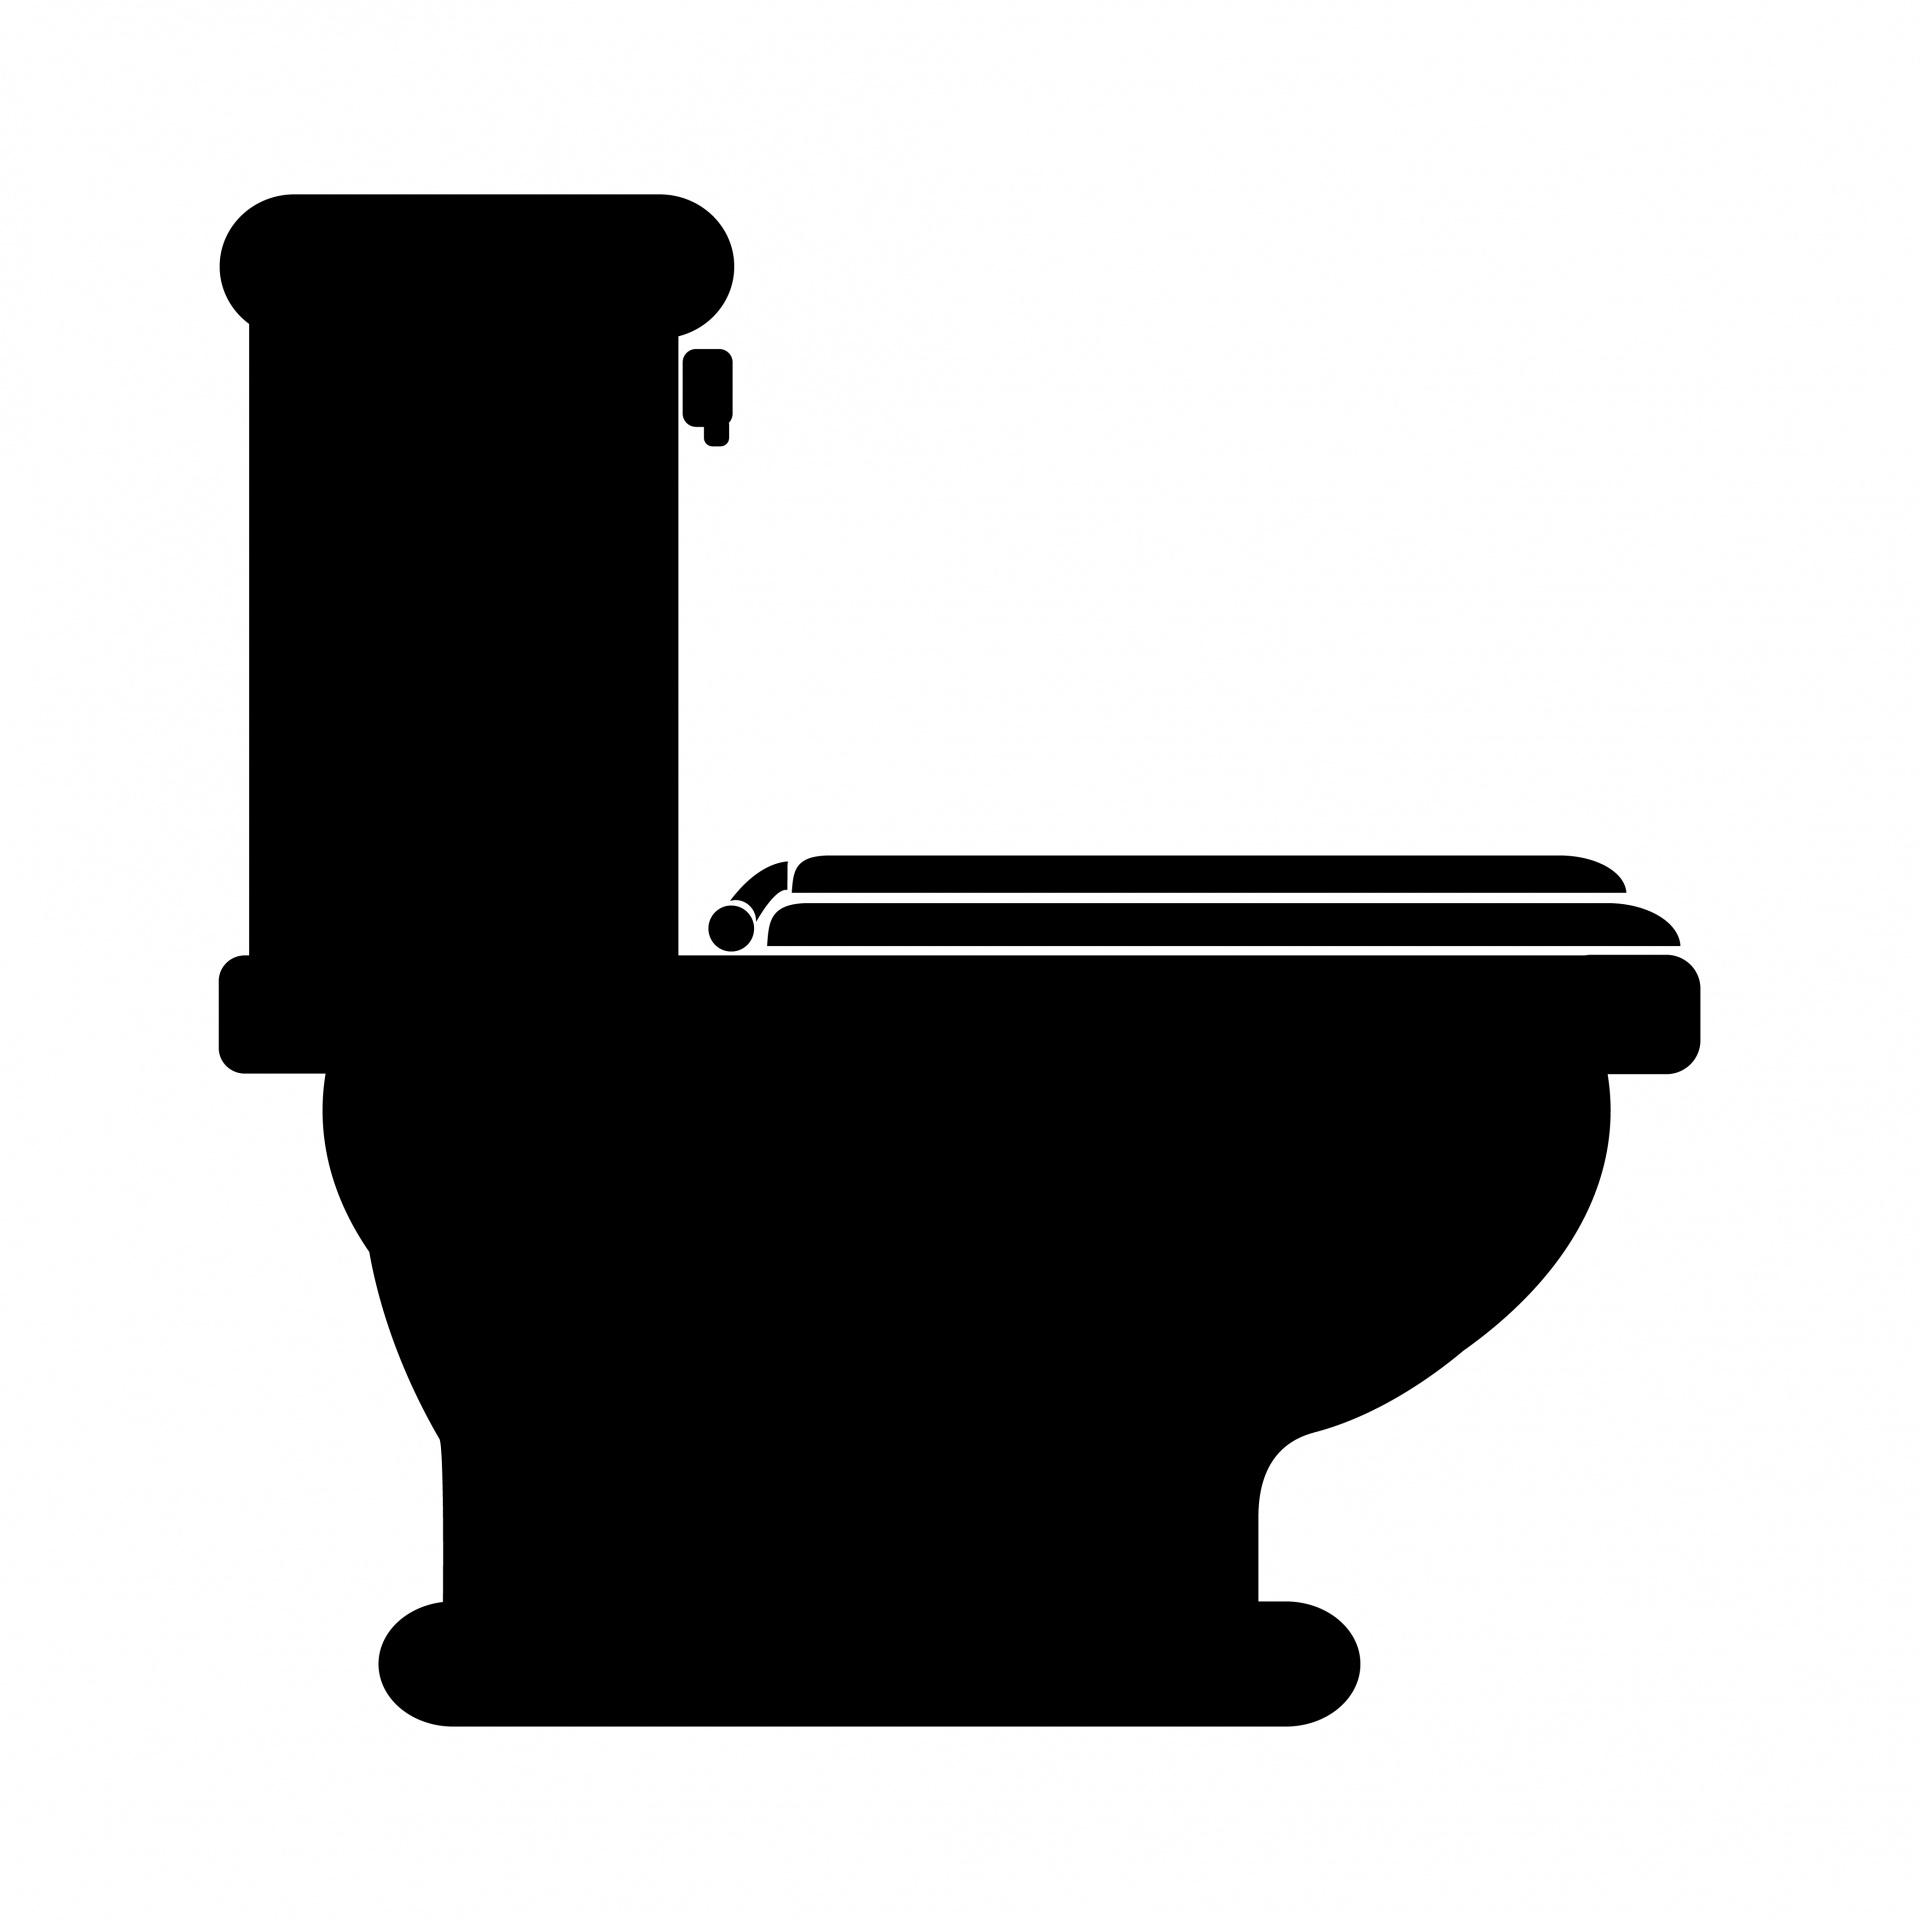 1920x1920 Wonderful Design Toilet Clipart Princess Coloring Pages Bowl 8